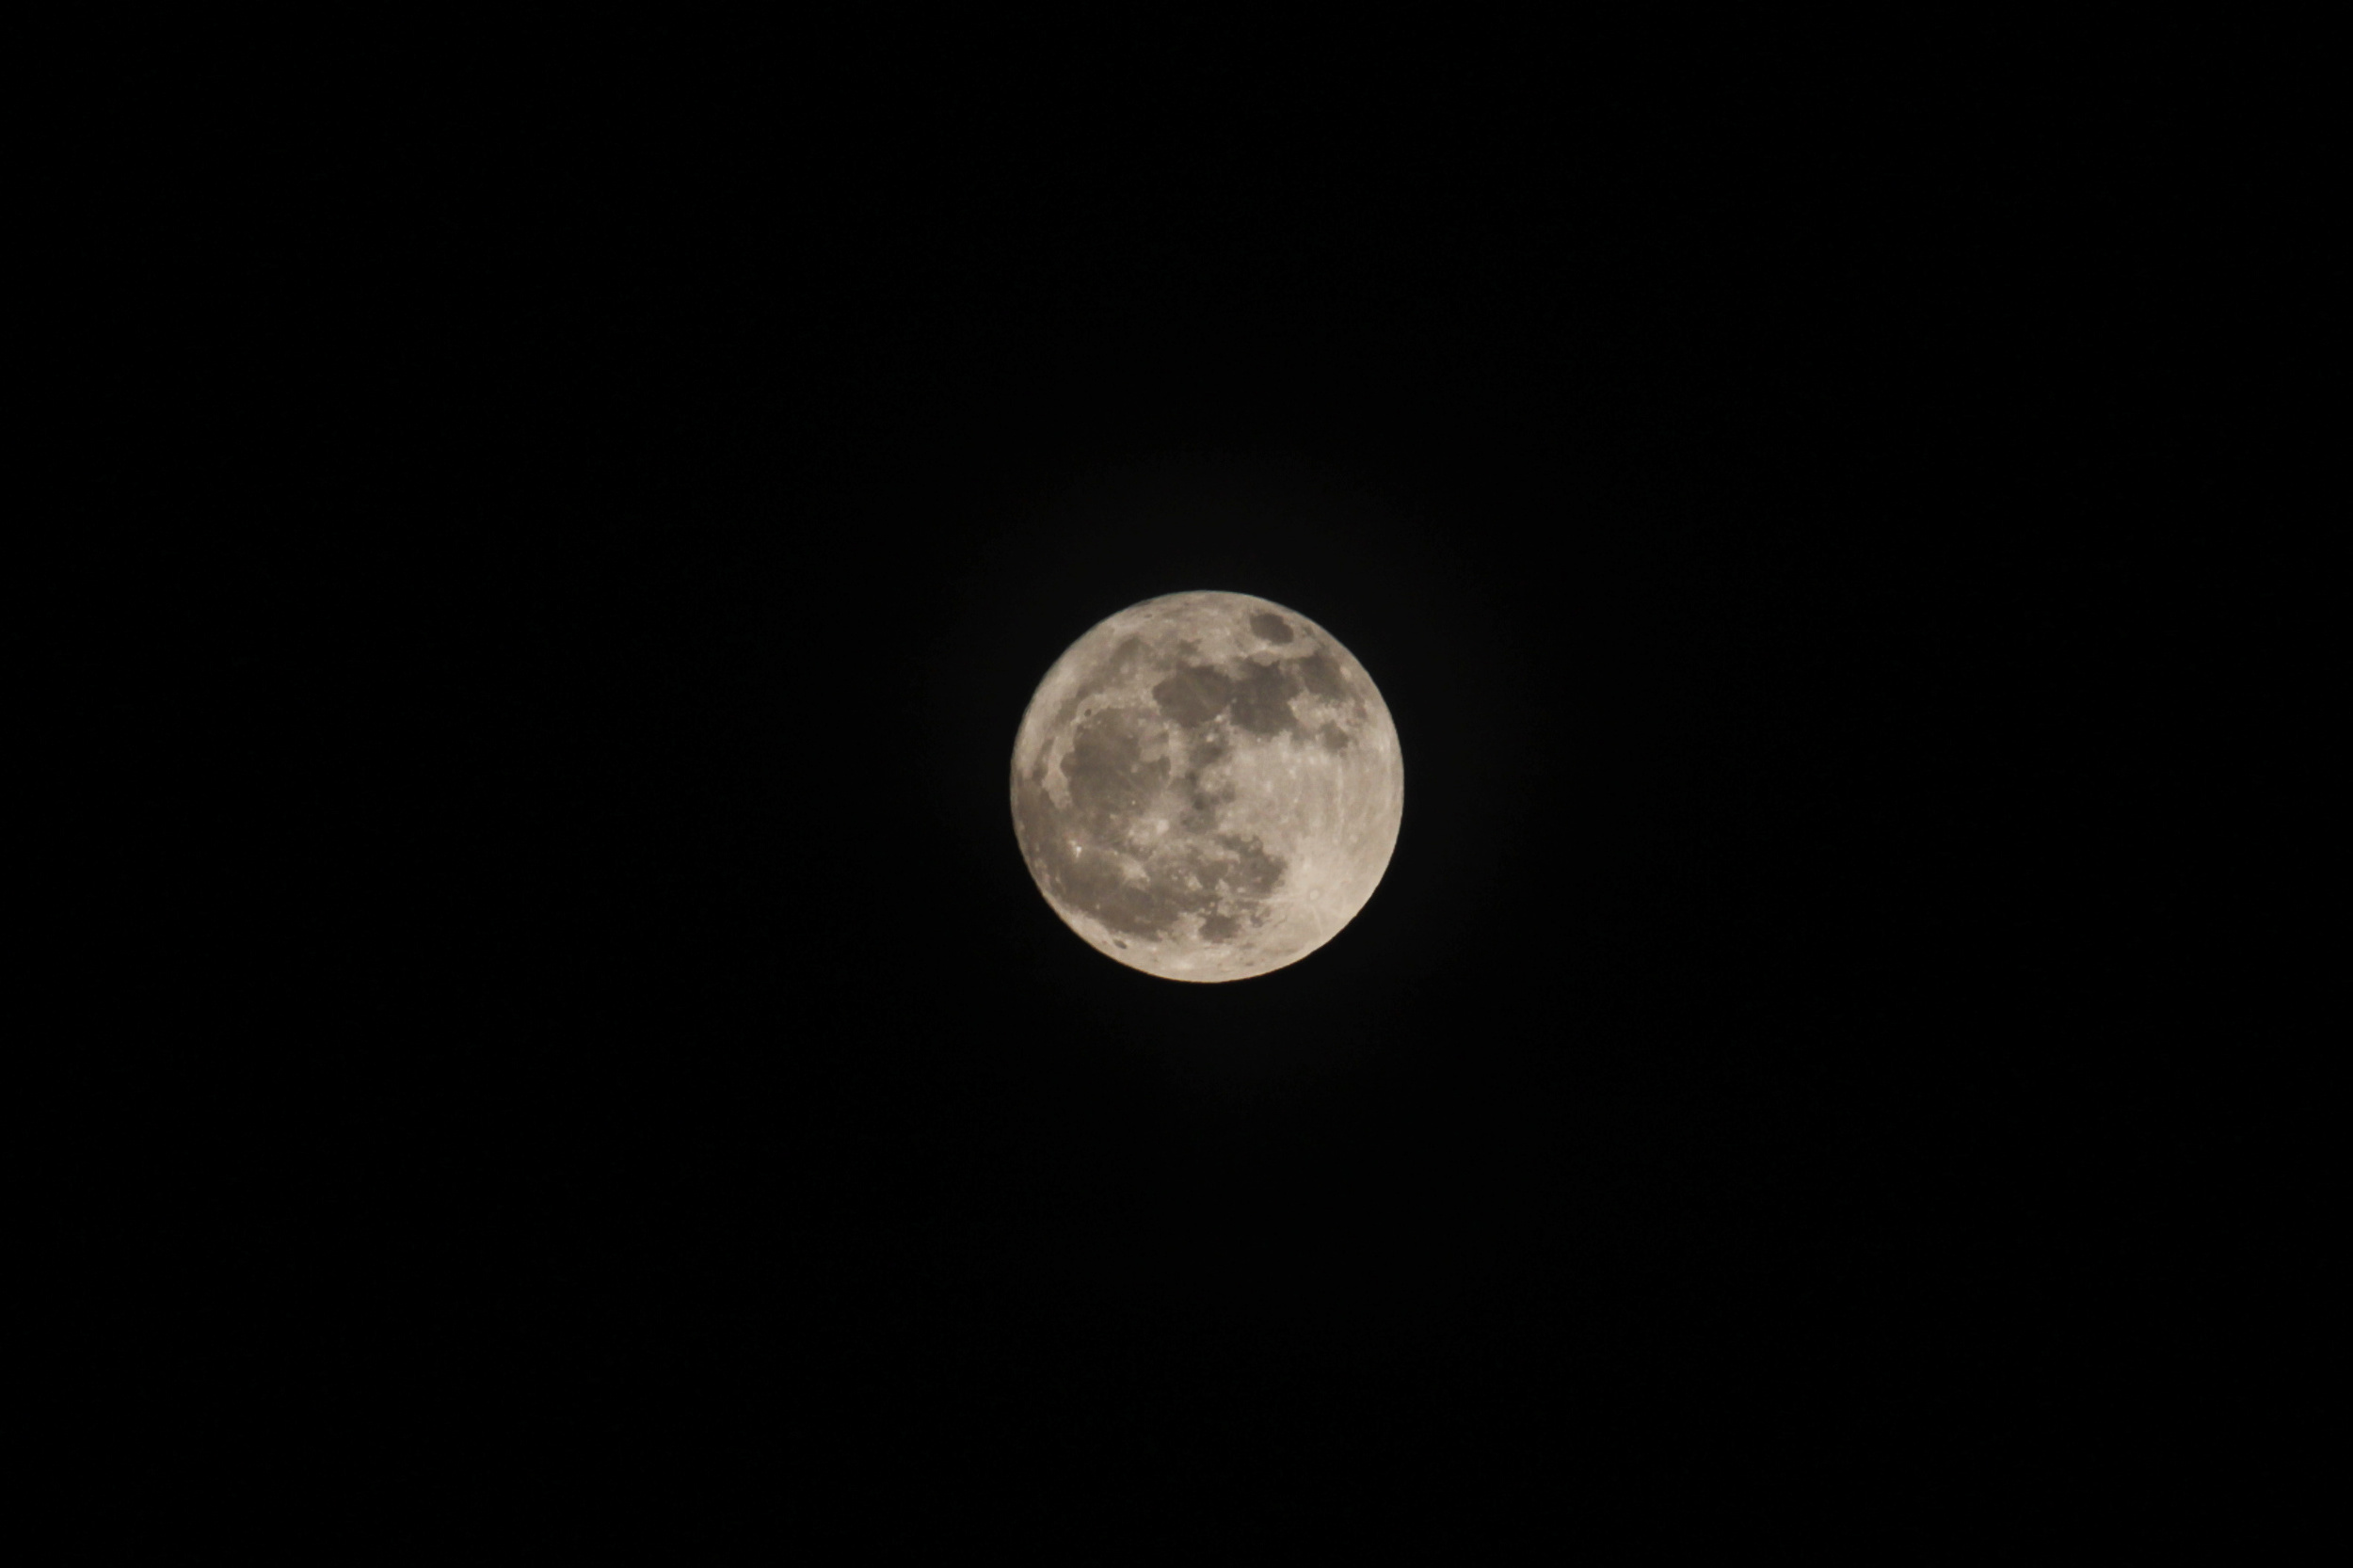 luna brillante casi llena en mérida 2017 noviembre